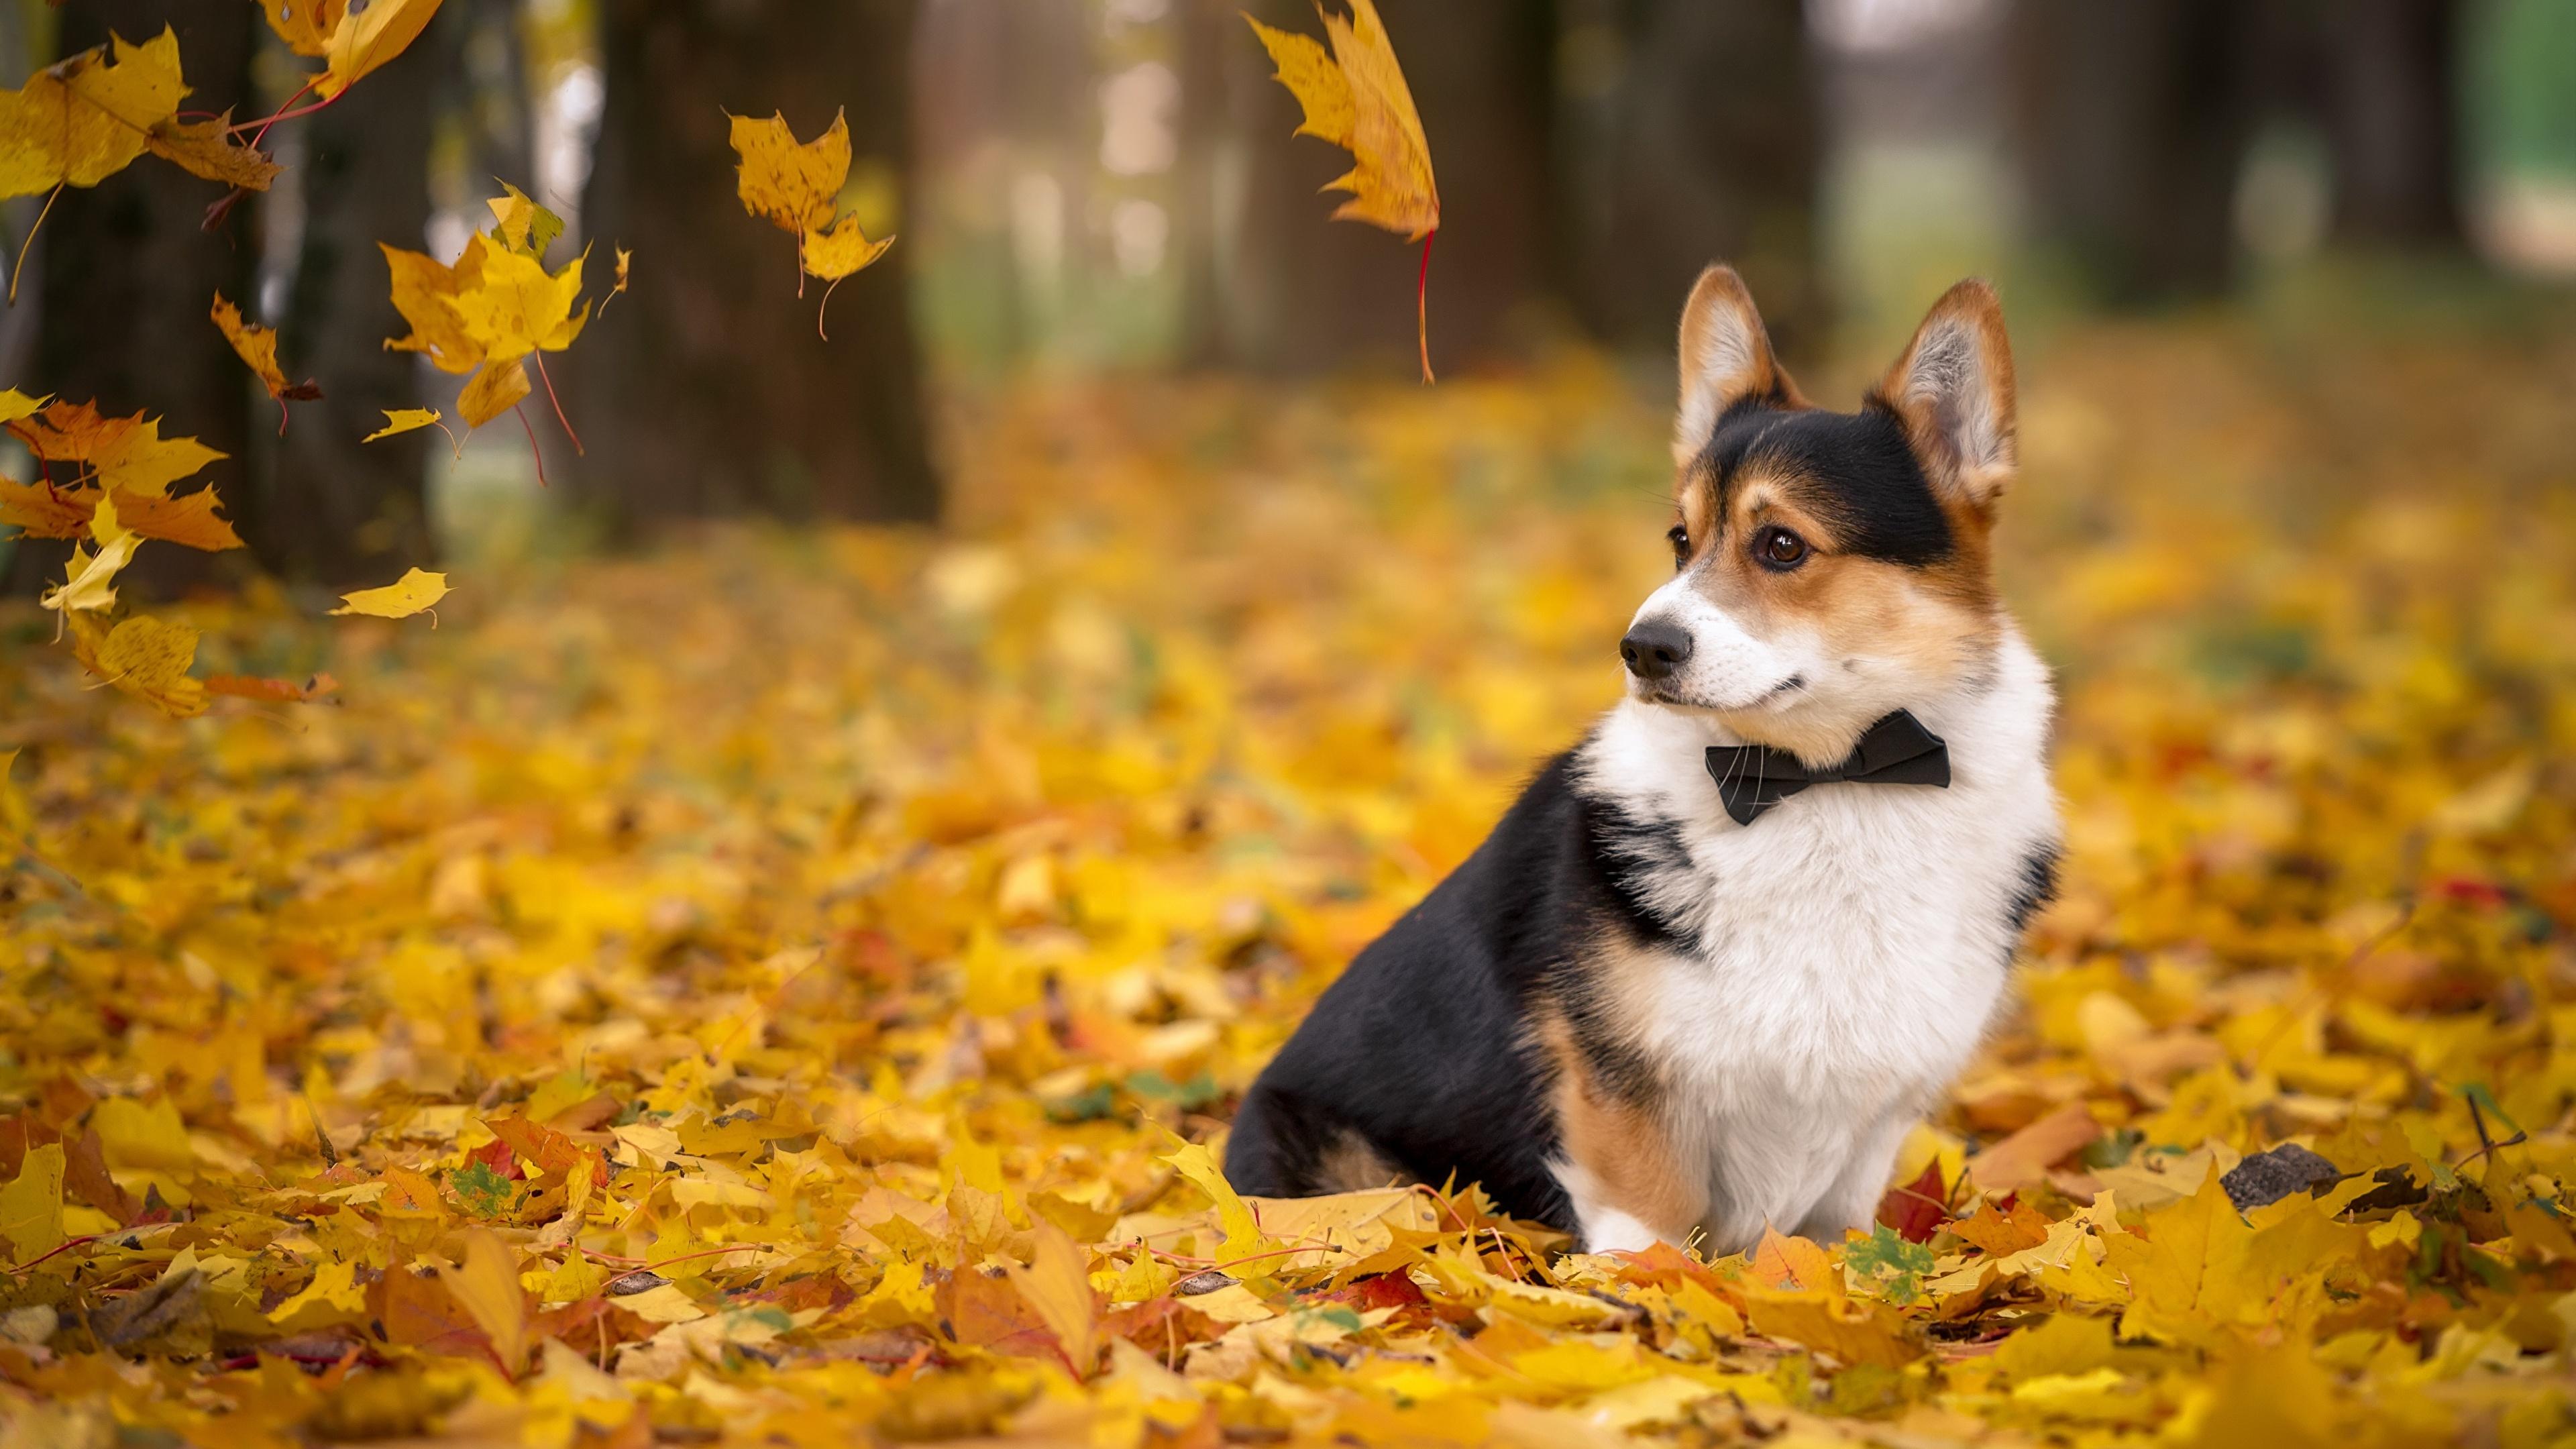 壁紙 3840x2160 イヌ 秋 ウェルシュ コーギー 木の葉 動物 ダウンロード 写真